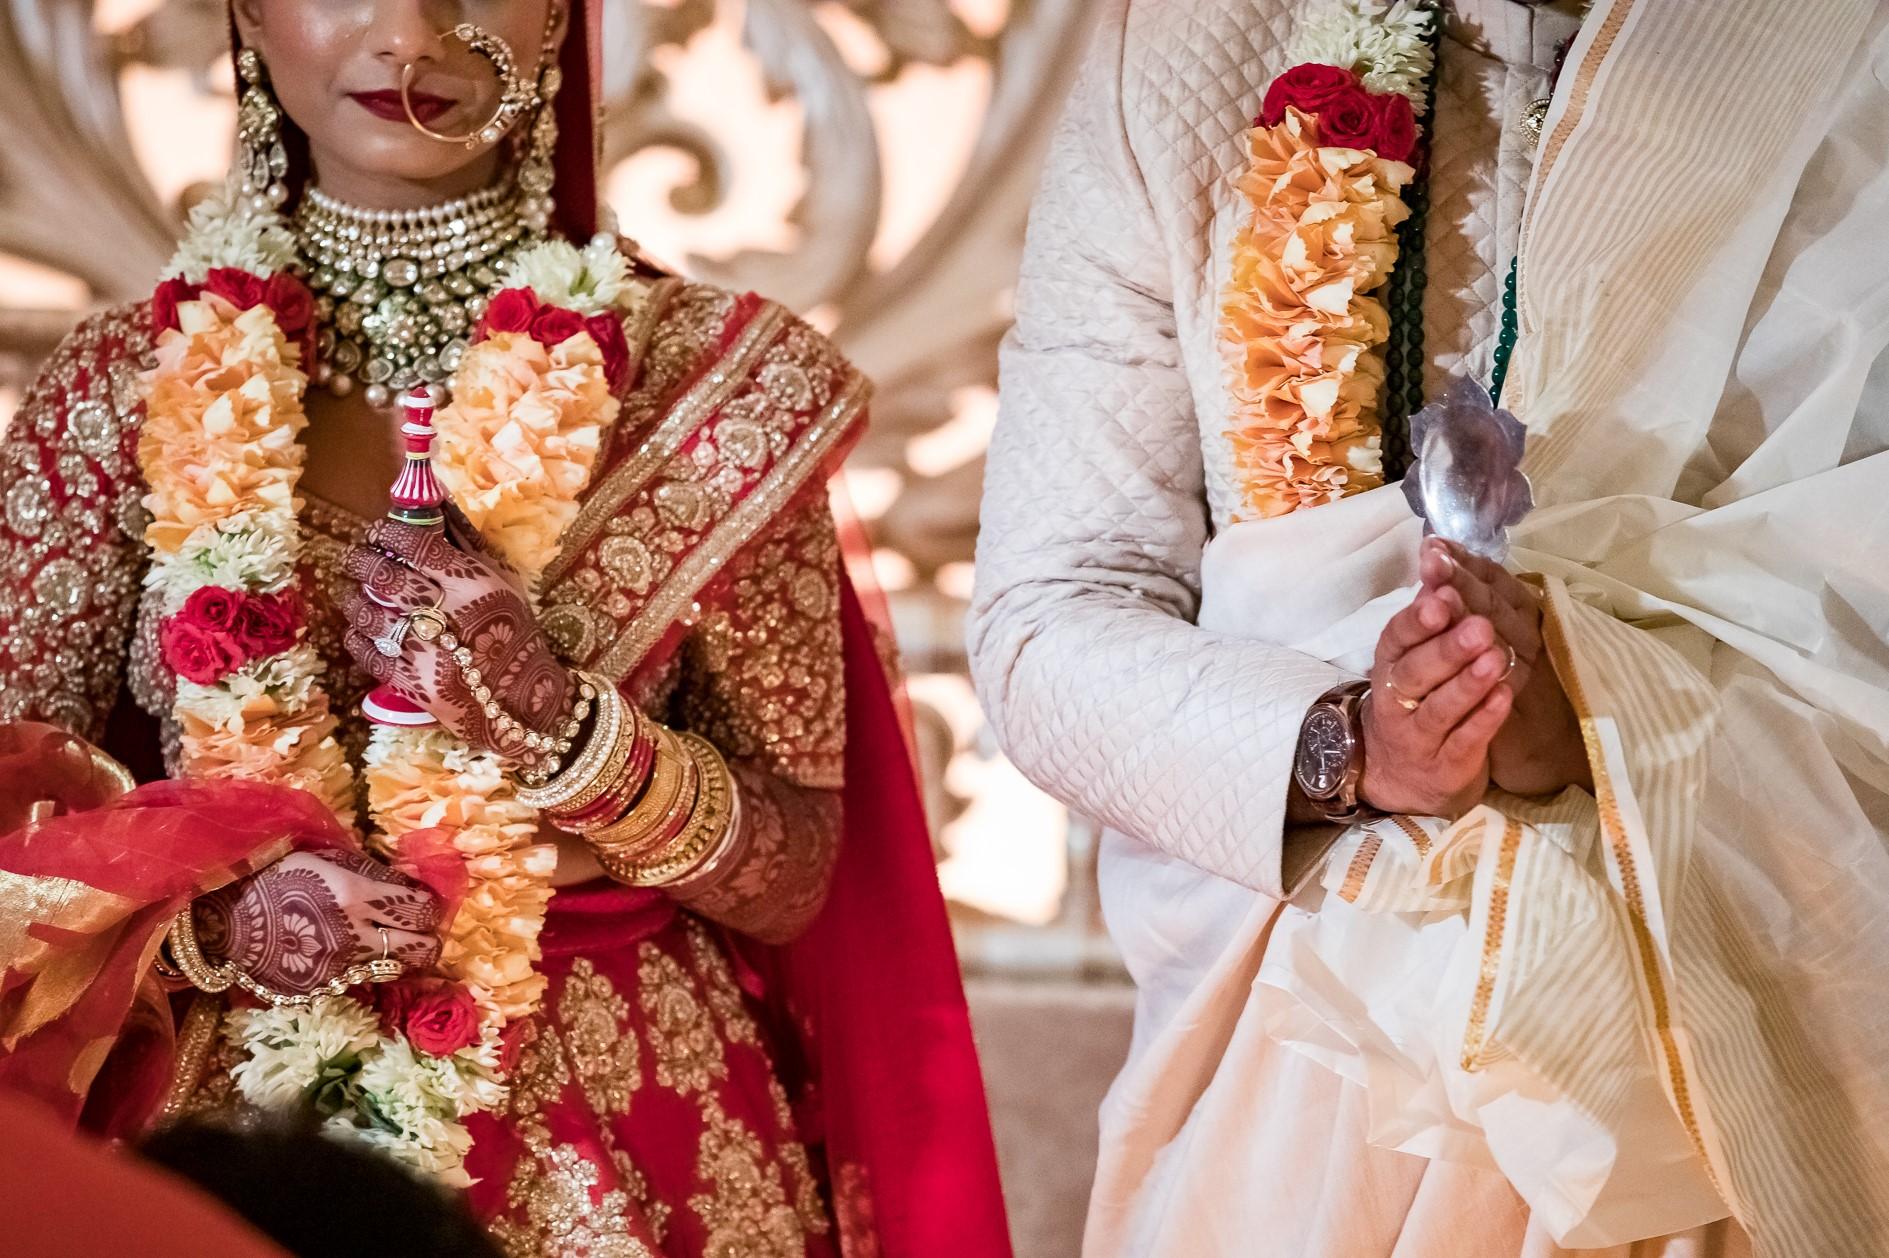 Hindu wedding extravaganza